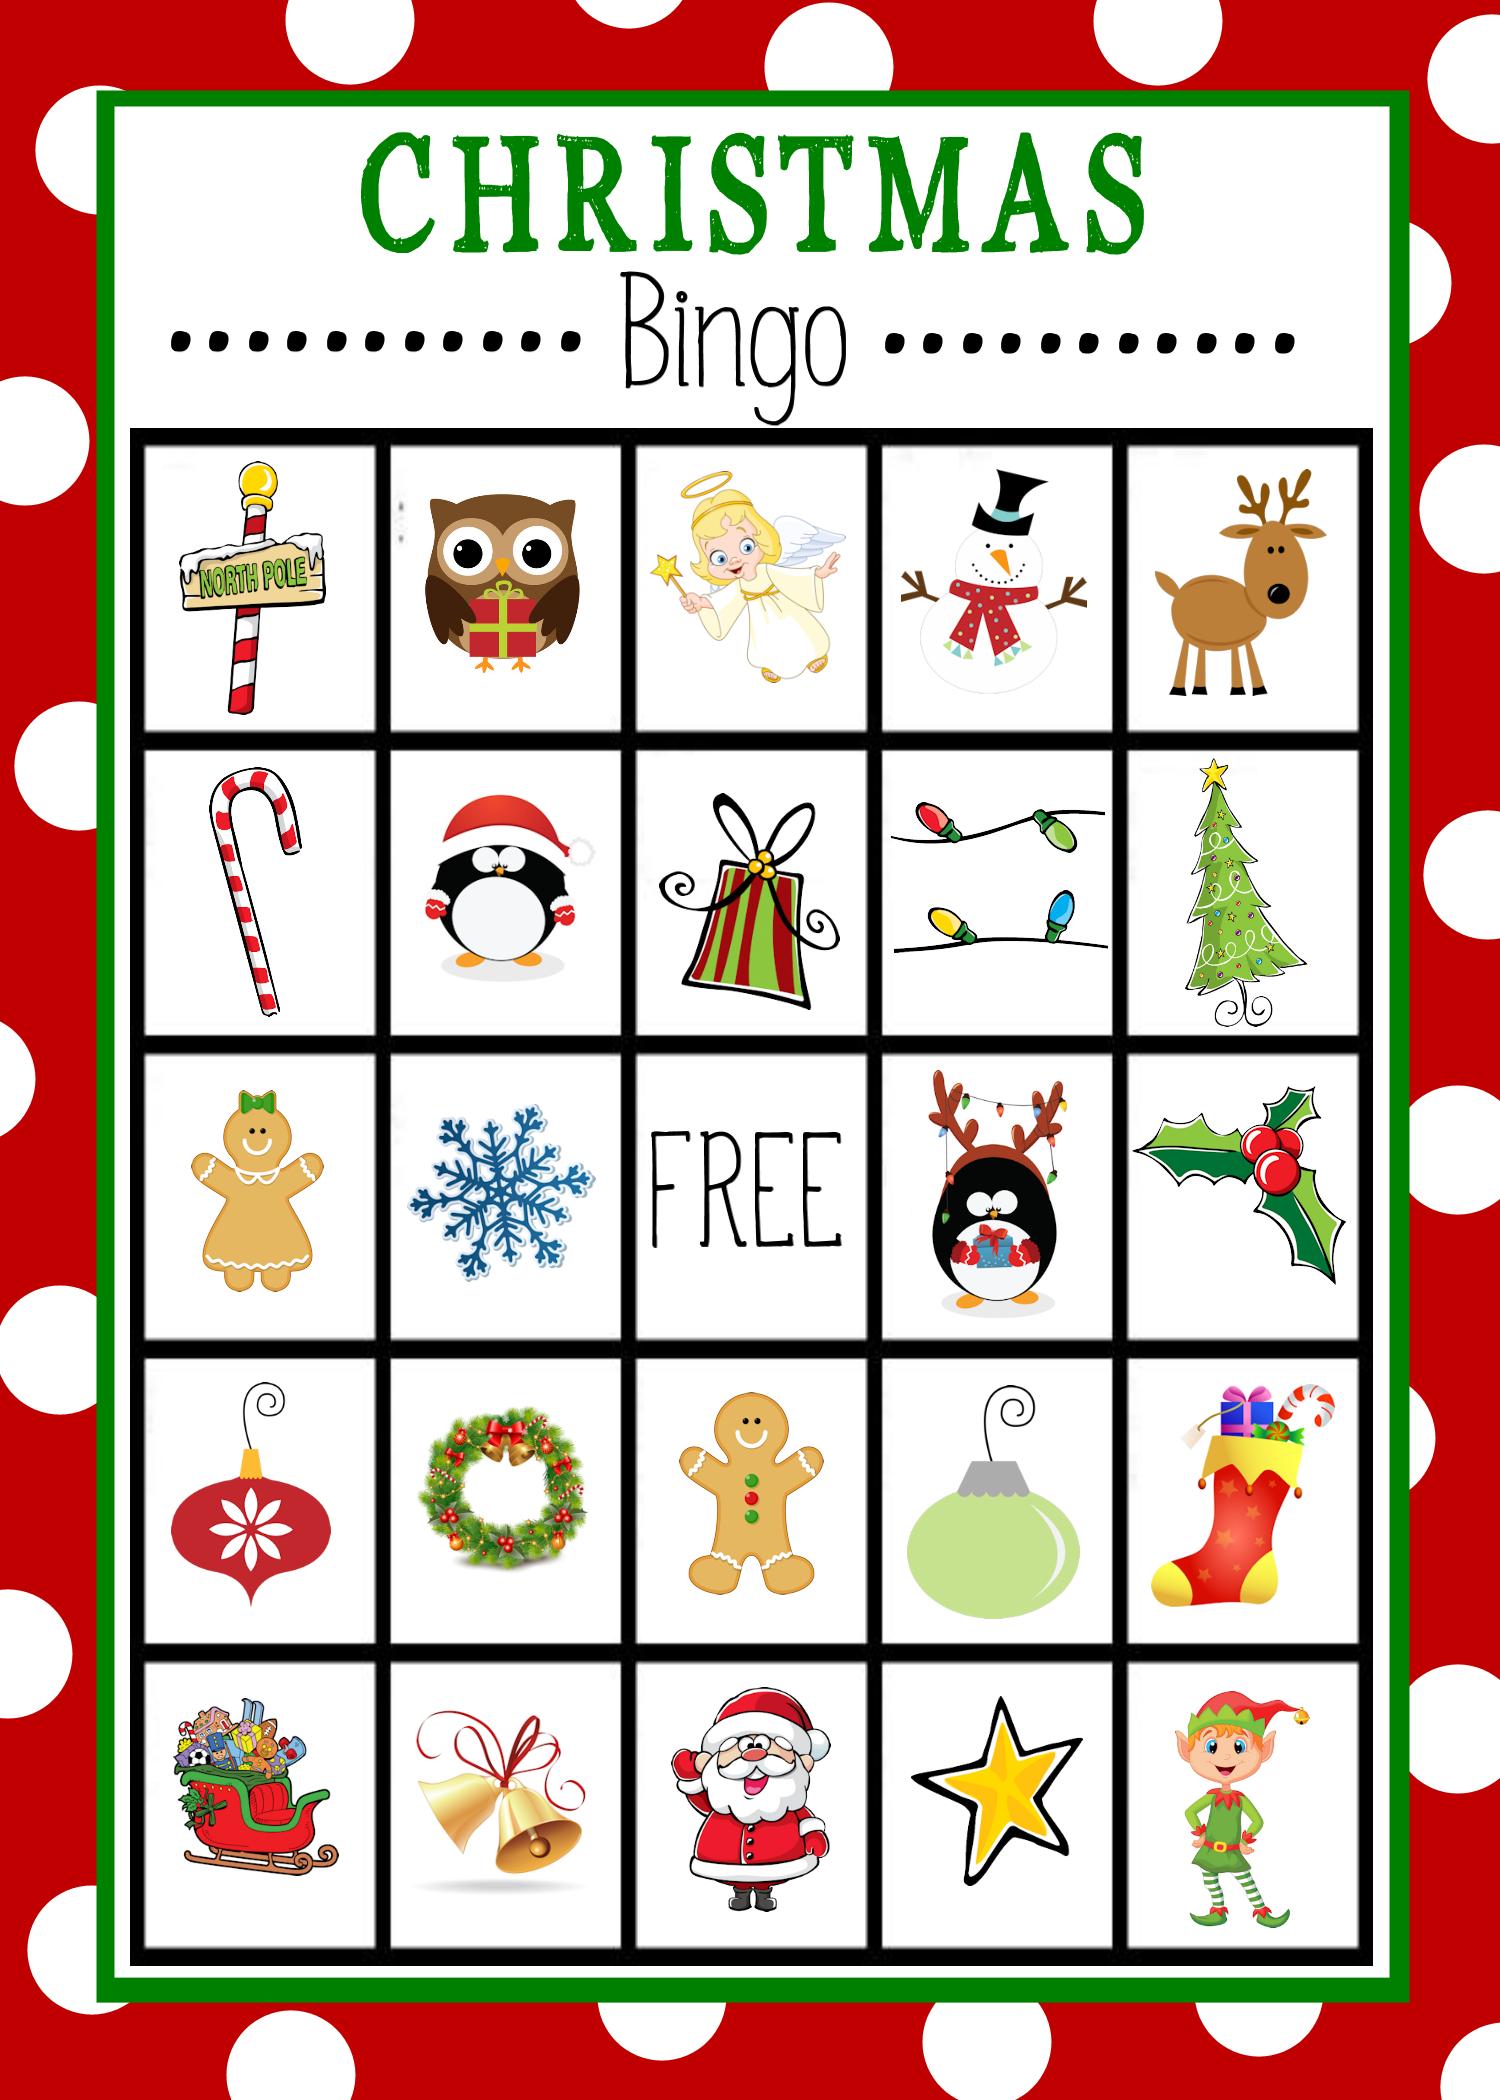 Free Printable Christmas Bingo Game | Christmas | Pinterest - Free Printable Christmas Bingo Cards